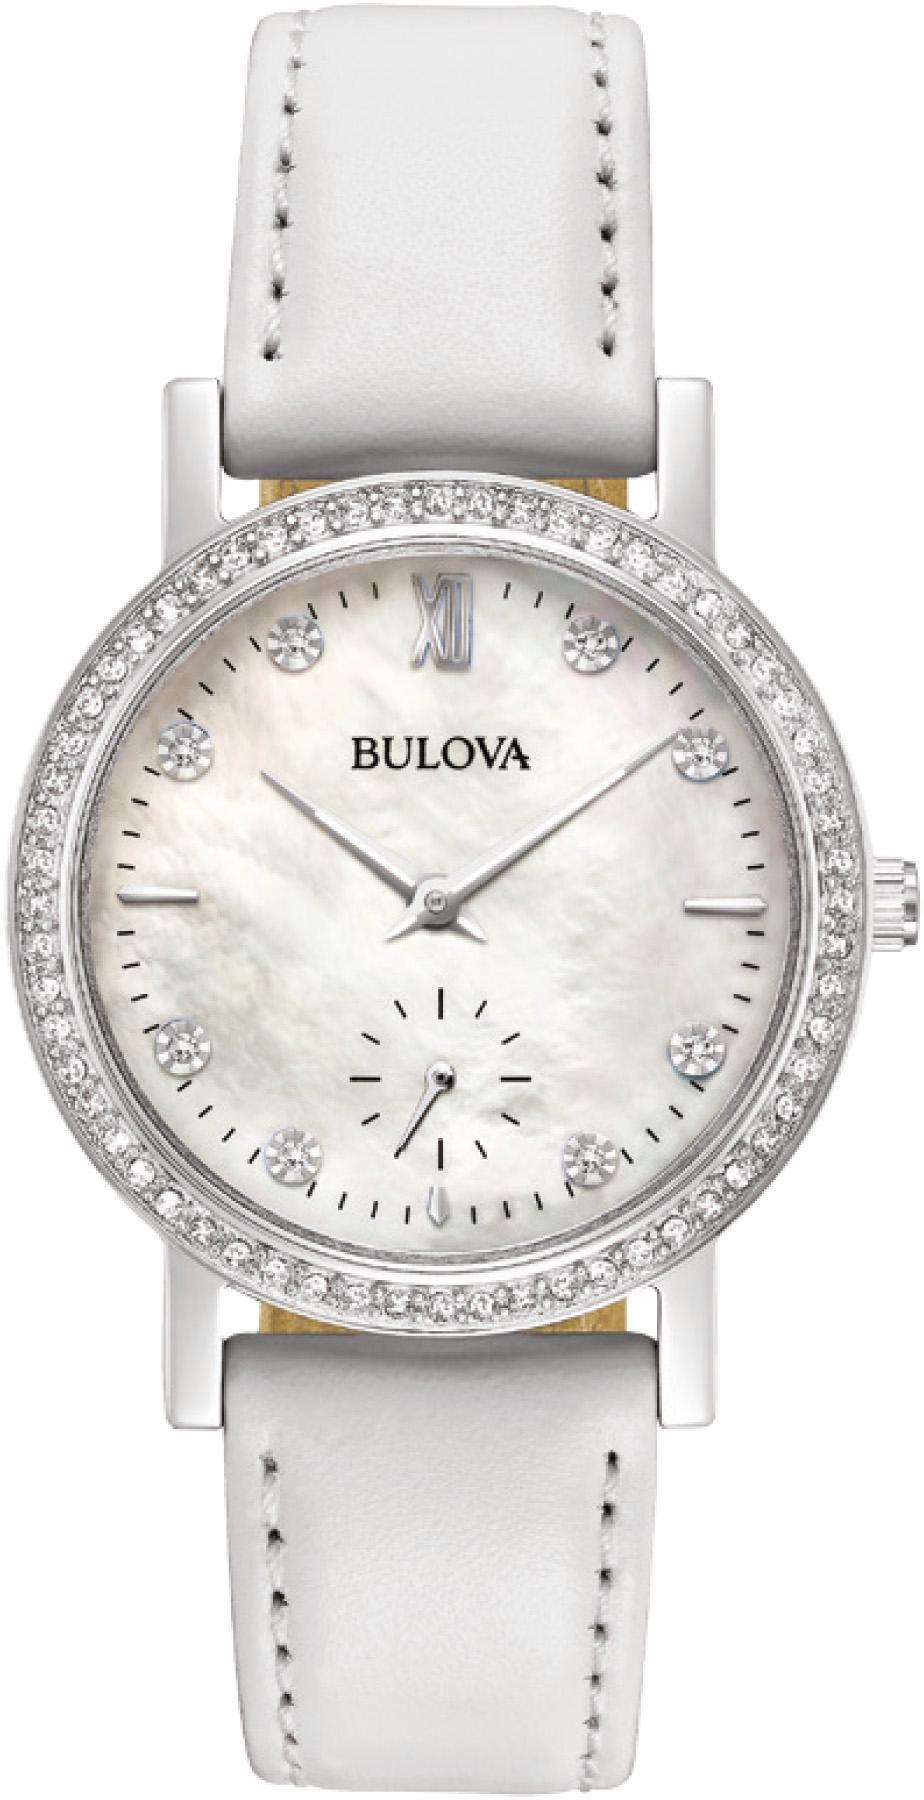 Bulova Quarzuhr »96L245« mit kleiner Sekunde